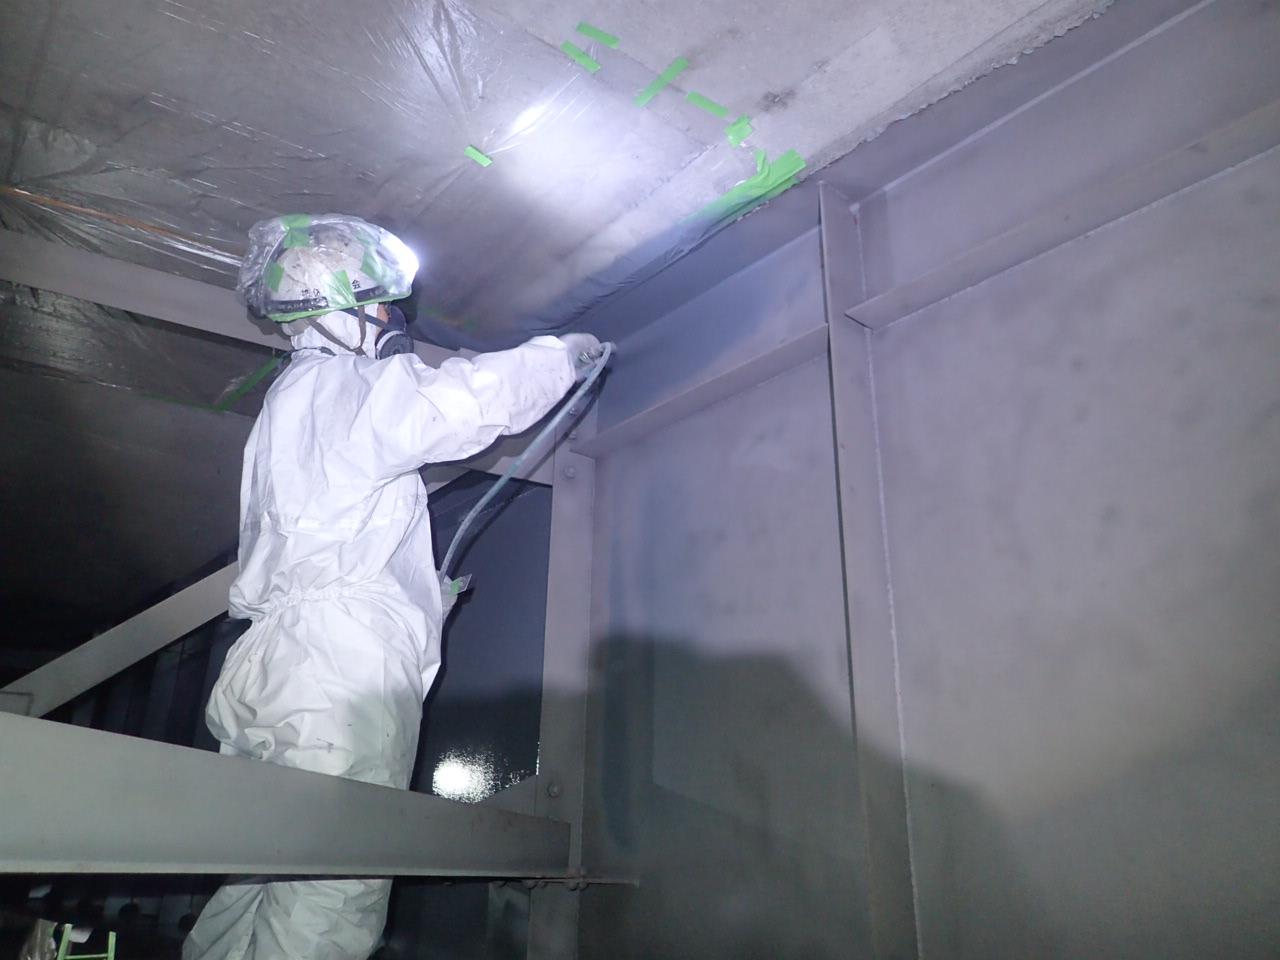 【八戸】橋梁塗装 |屋根塗装|塗装業者|塗装屋|塗装会社